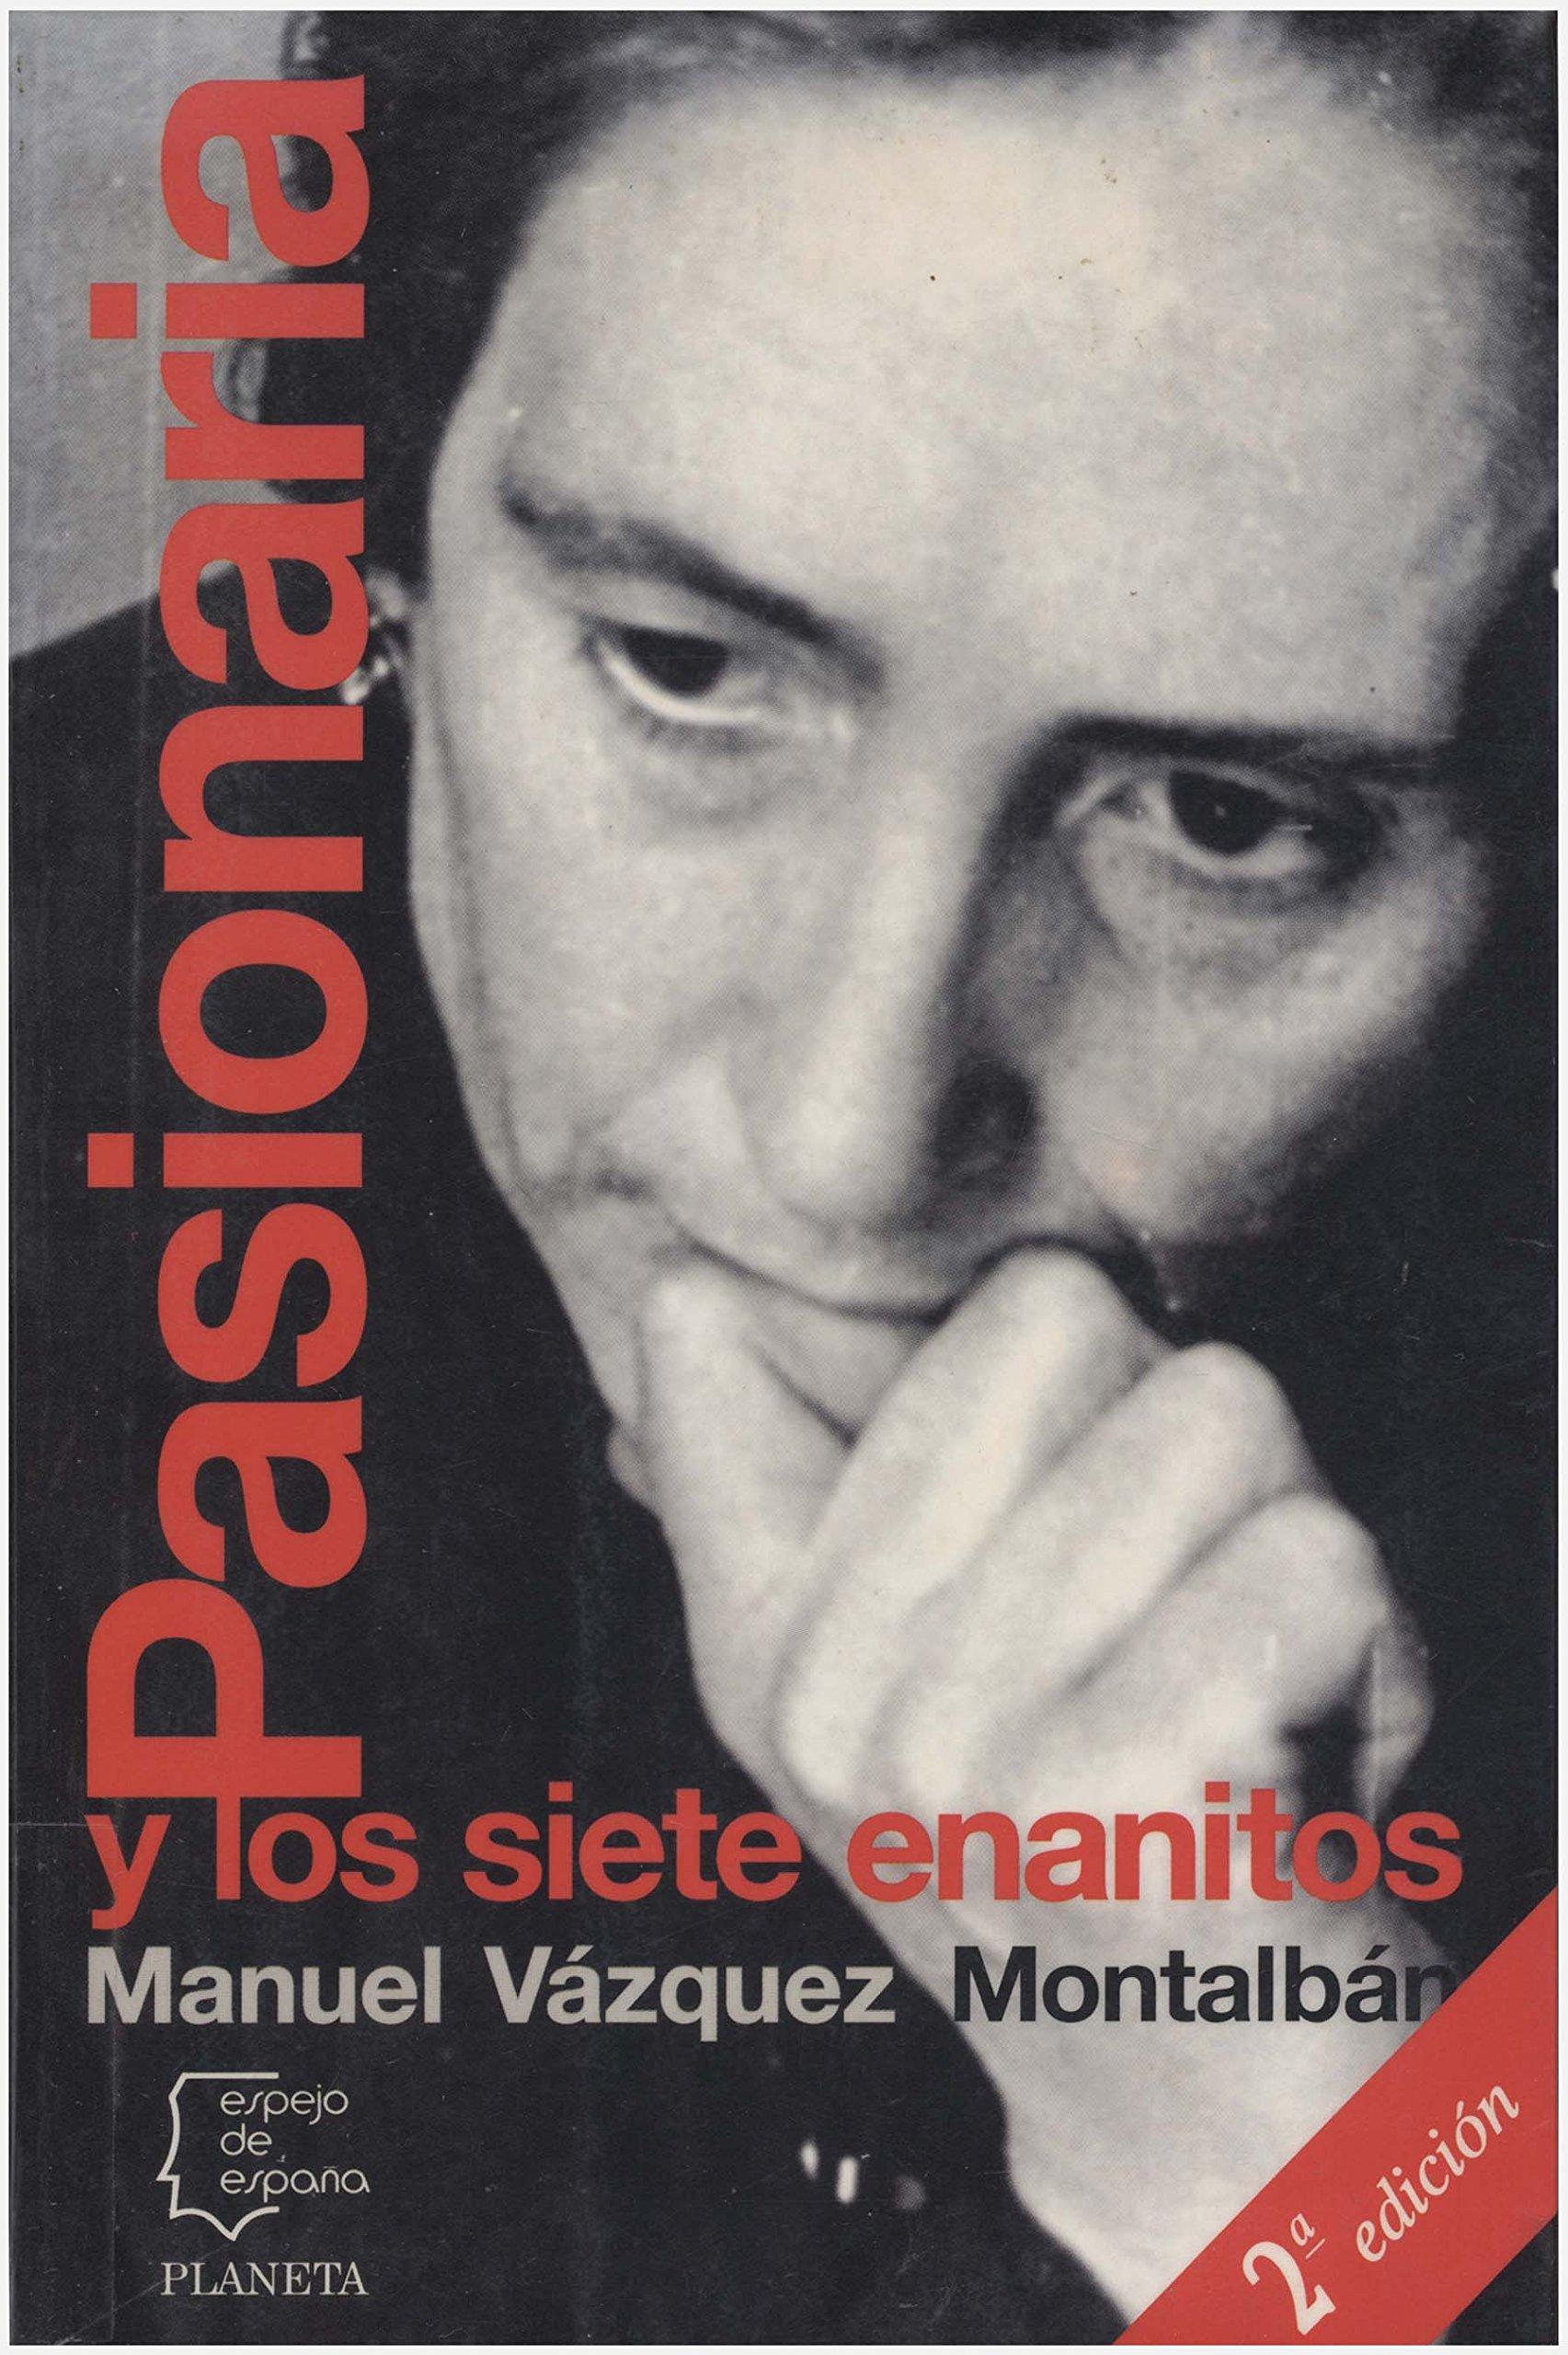 Pasionaria y los siete enanitos (Espejo de España): Amazon.es: M.Vazquez Montalban: Libros